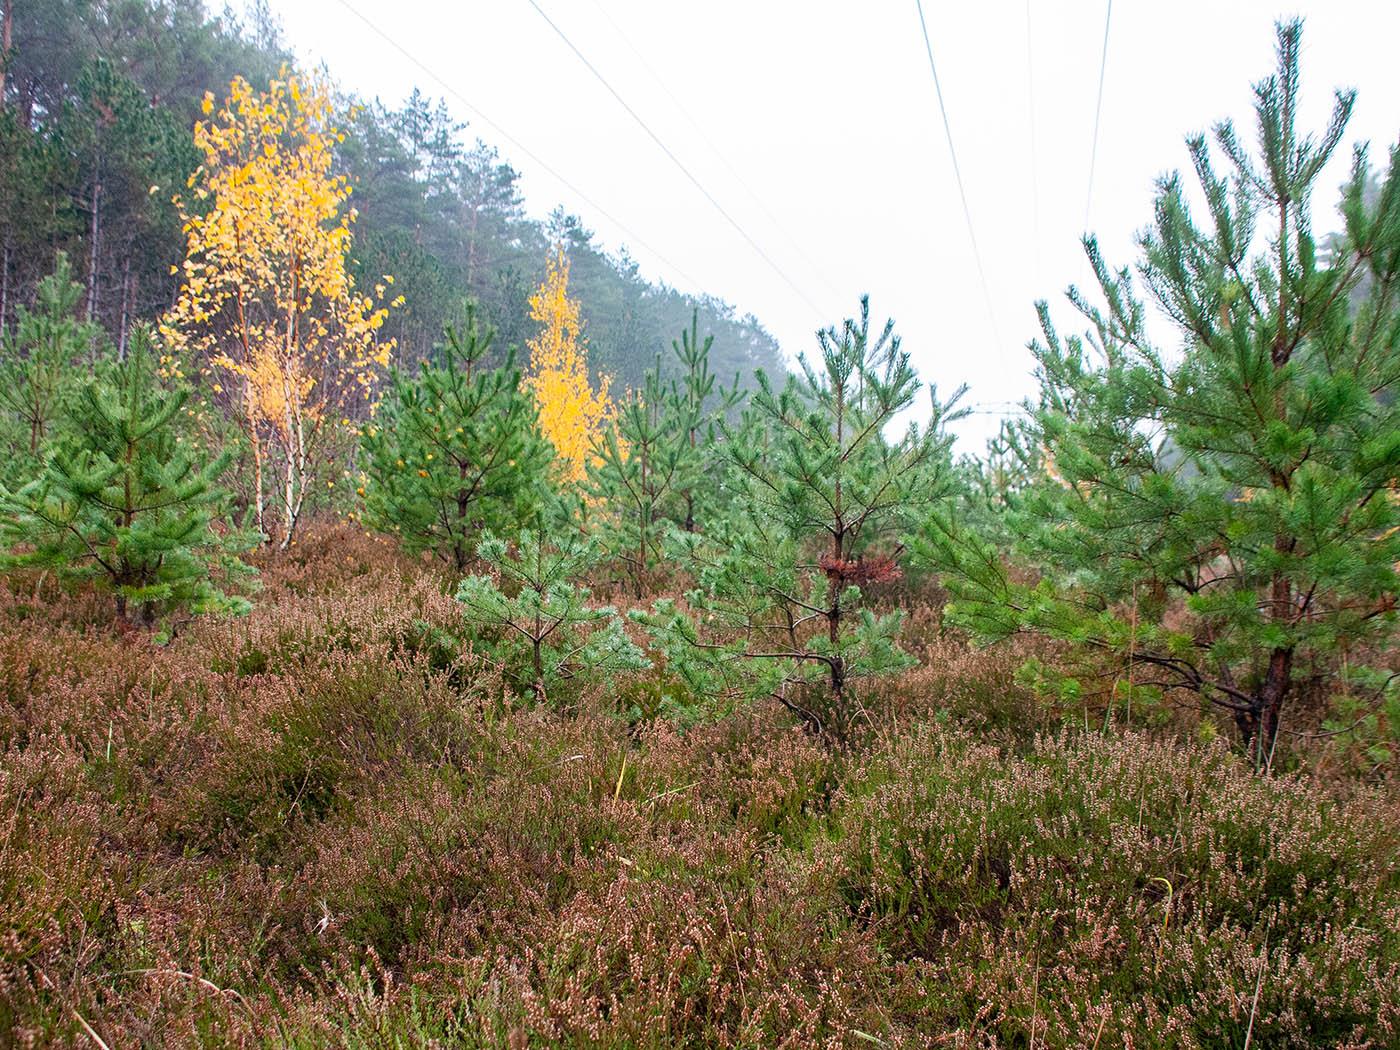 Weihnachtsbäume im Heidekraut – Hol Dir Deinen Wald ins Haus